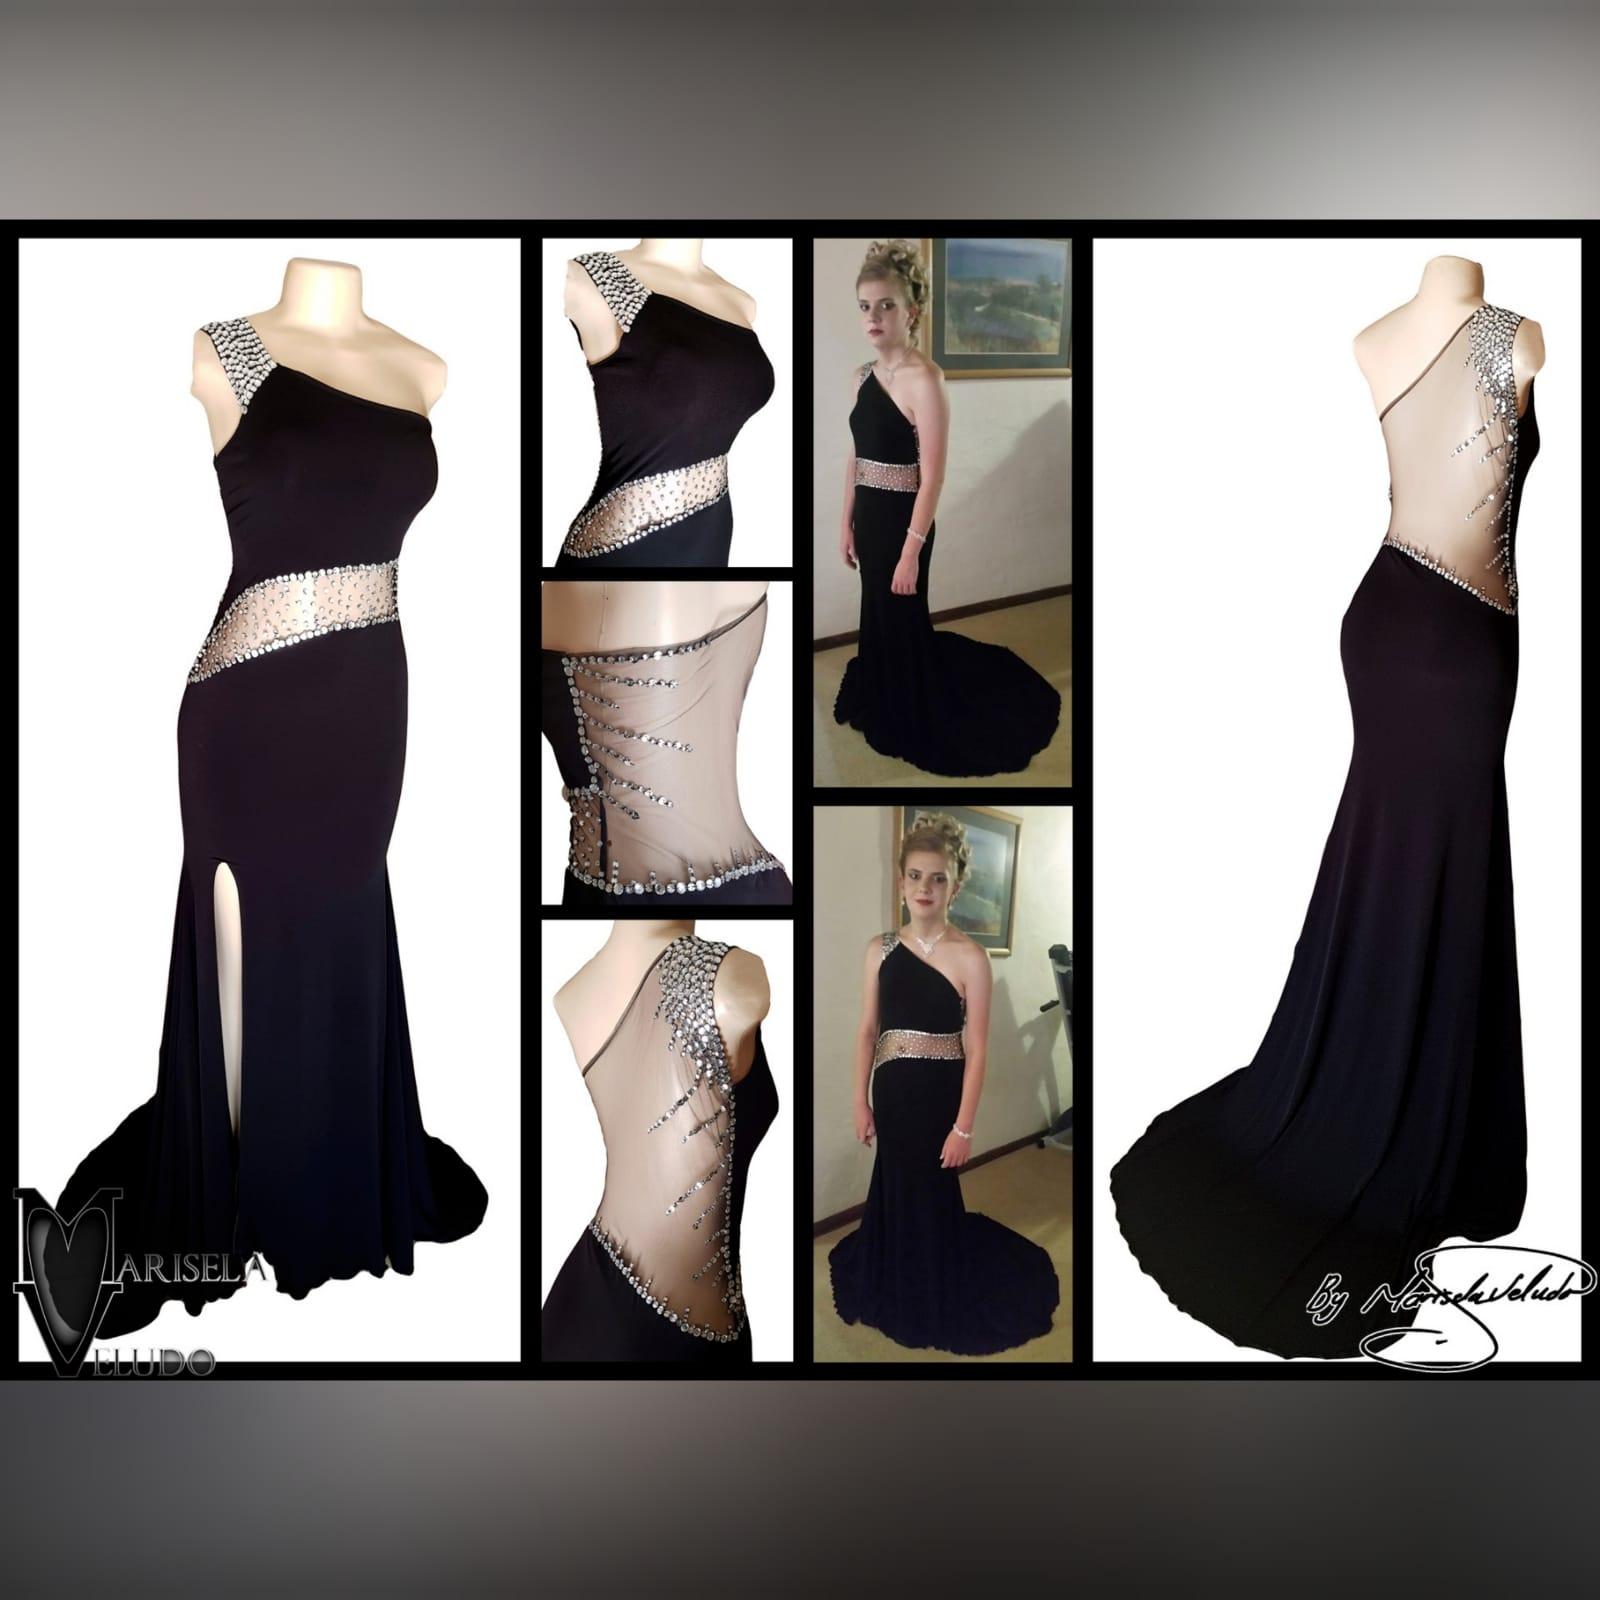 Vestido de finalistas preto e prateado 9 vestido de finalistas preto e prateado com design de ombro único, barriga de ilusão em ângulo e costas de ilusão detalhadas com brilhantes prateadas. Com uma racha e uma cauda.